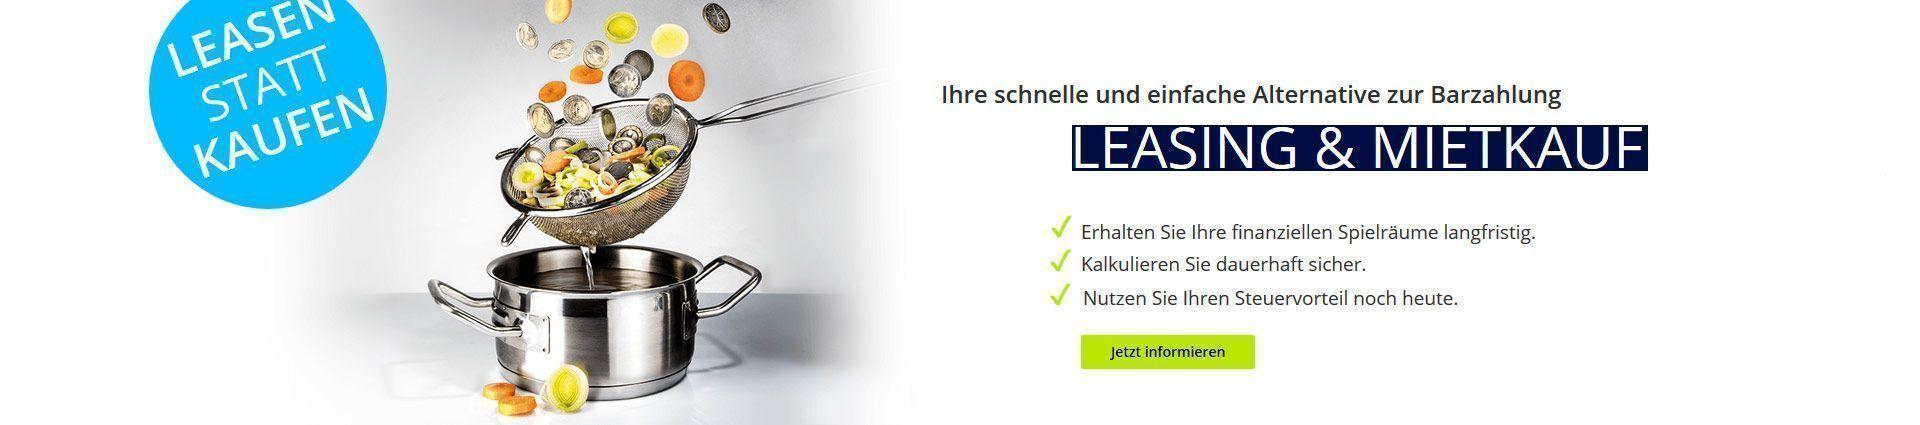 Finanzierung - Leasing/Mietkauf